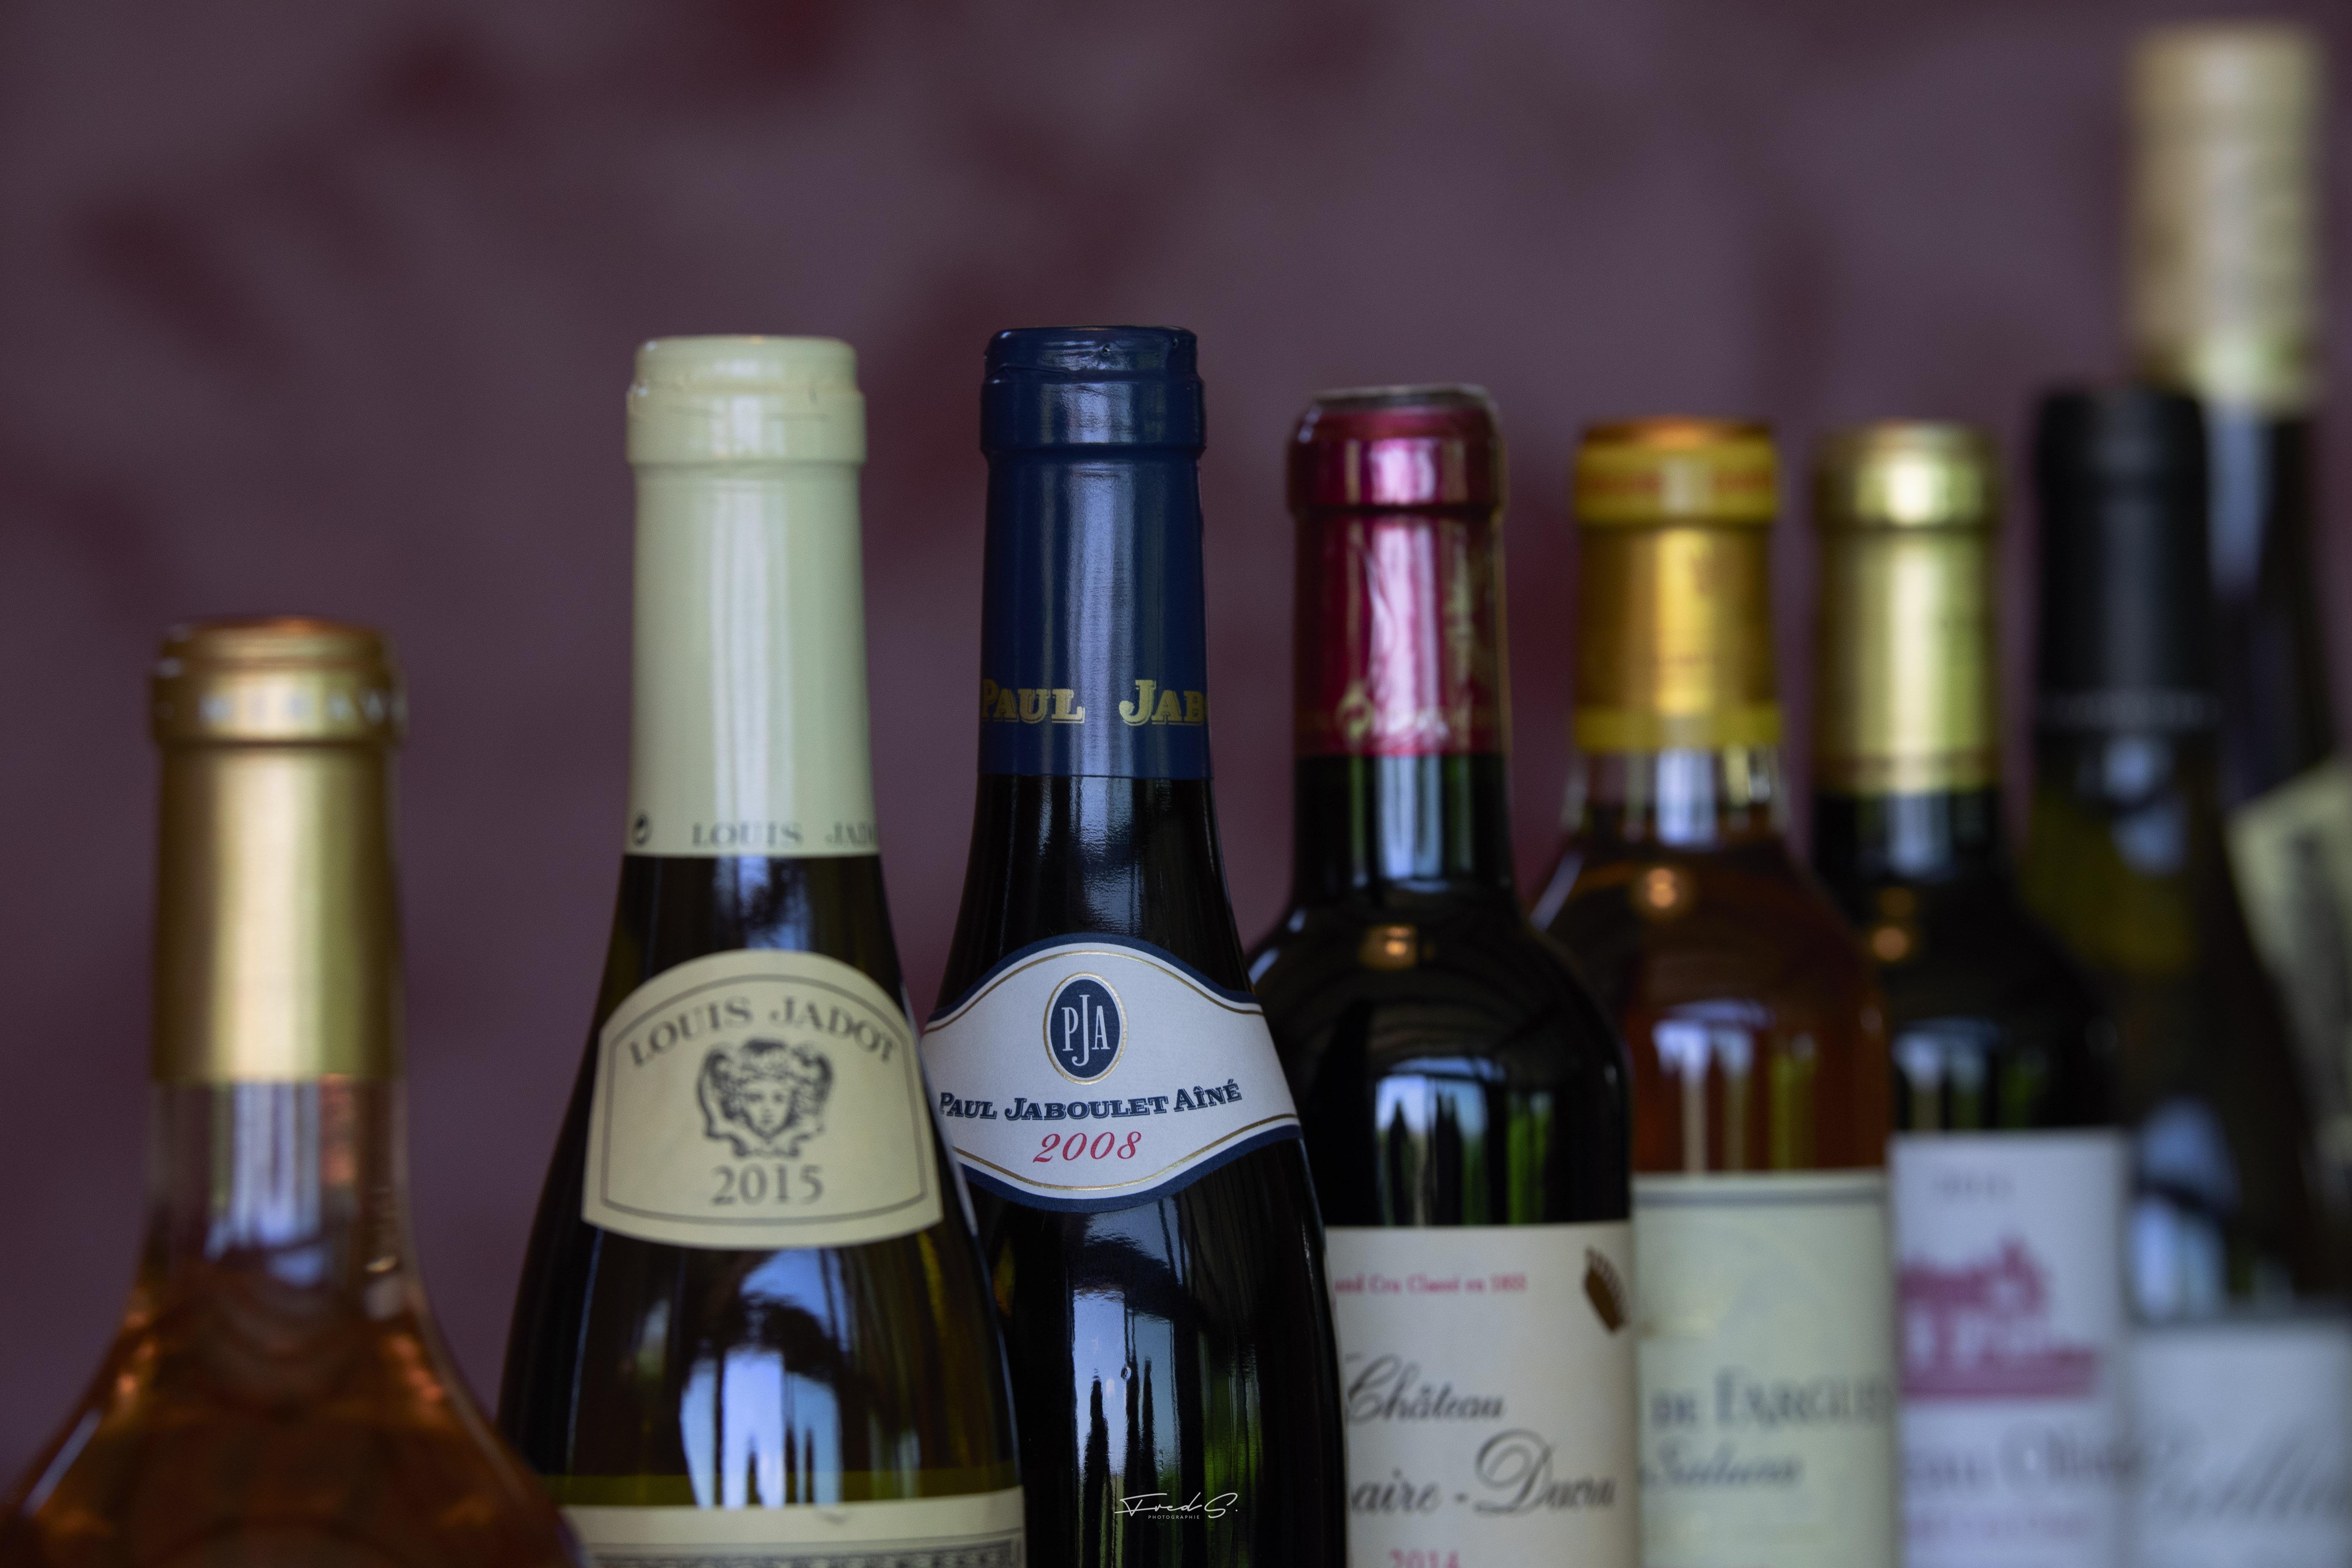 Toutes nos demi-bouteilles de vin